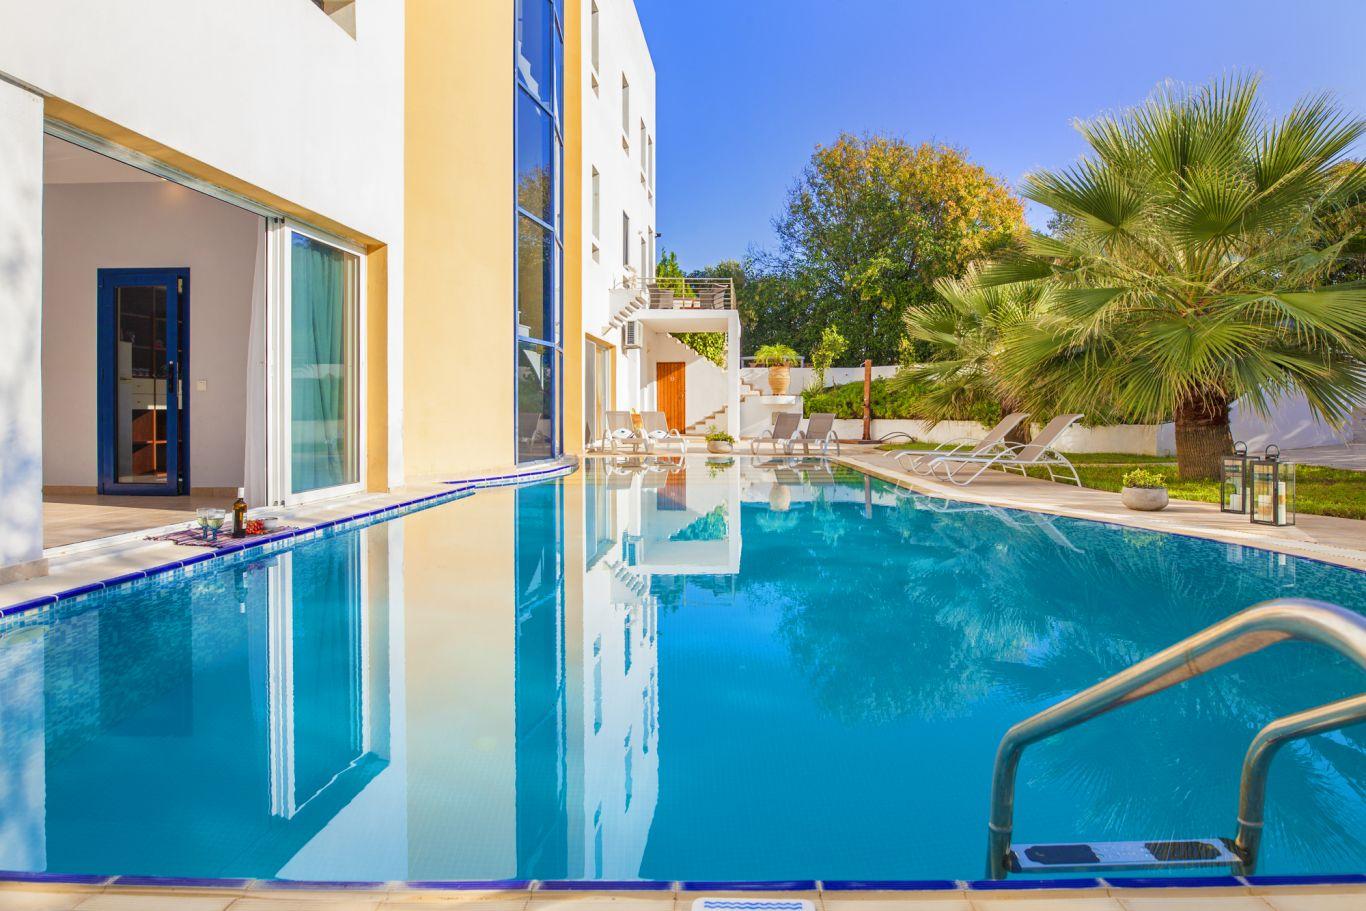 rhodes villas private pools 5 bedrooms